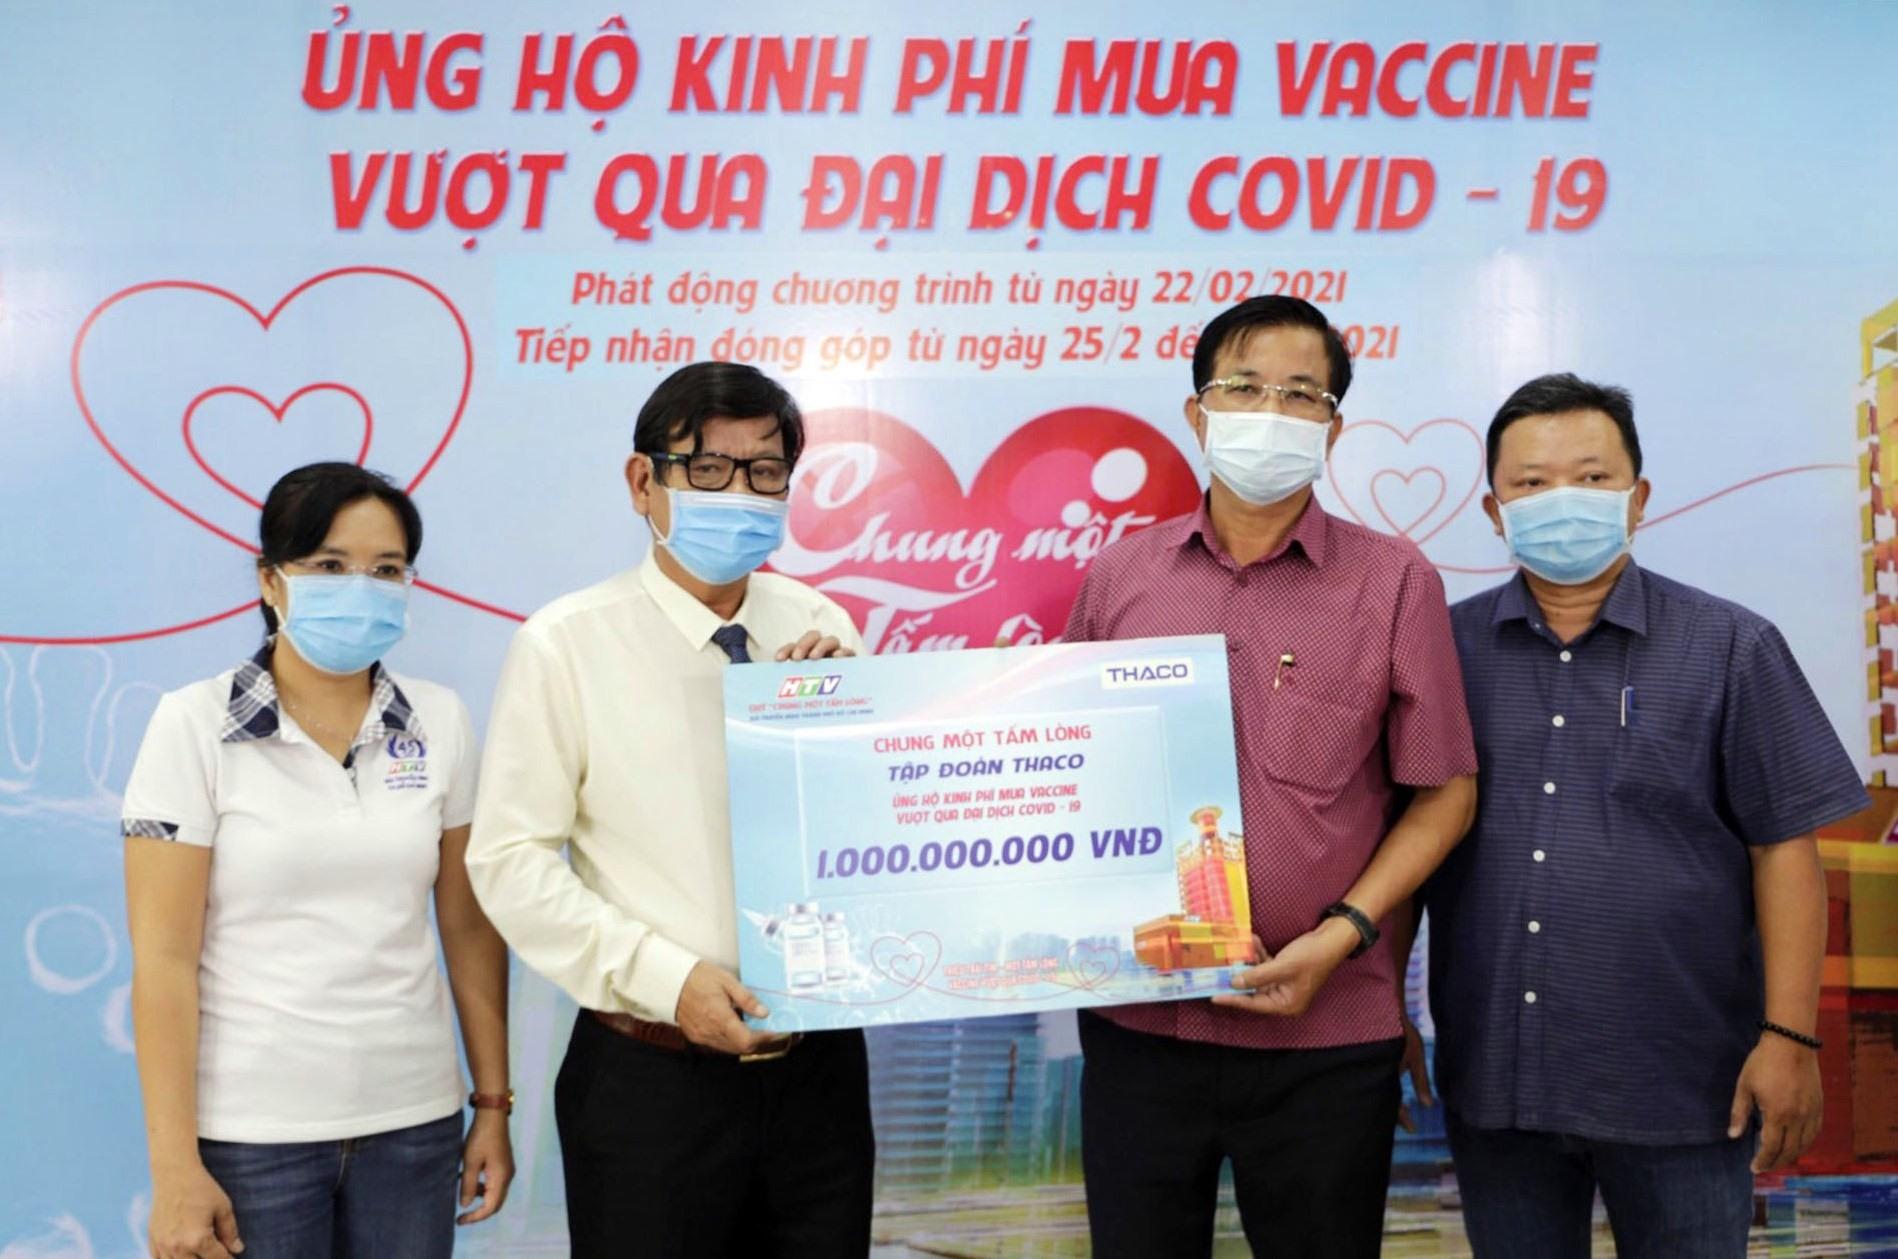 """Thaco ủng hộ Quỹ """"Chung một tấm lòng"""" 1 tỷ đồng."""